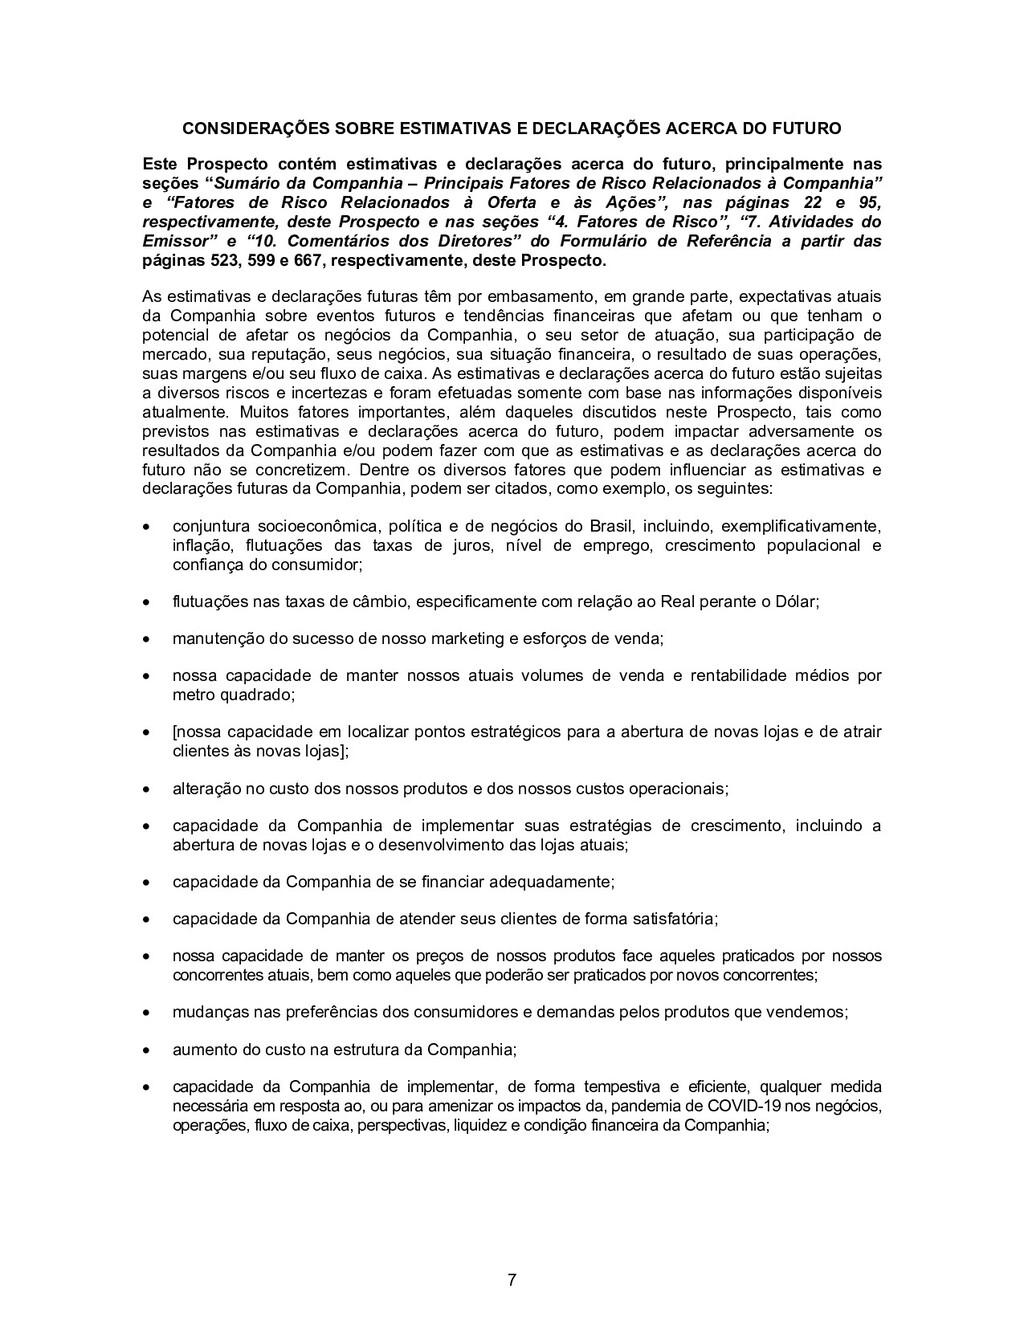 7 CONSIDERAÇÕES SOBRE ESTIMATIVAS E DECLARAÇÕES...